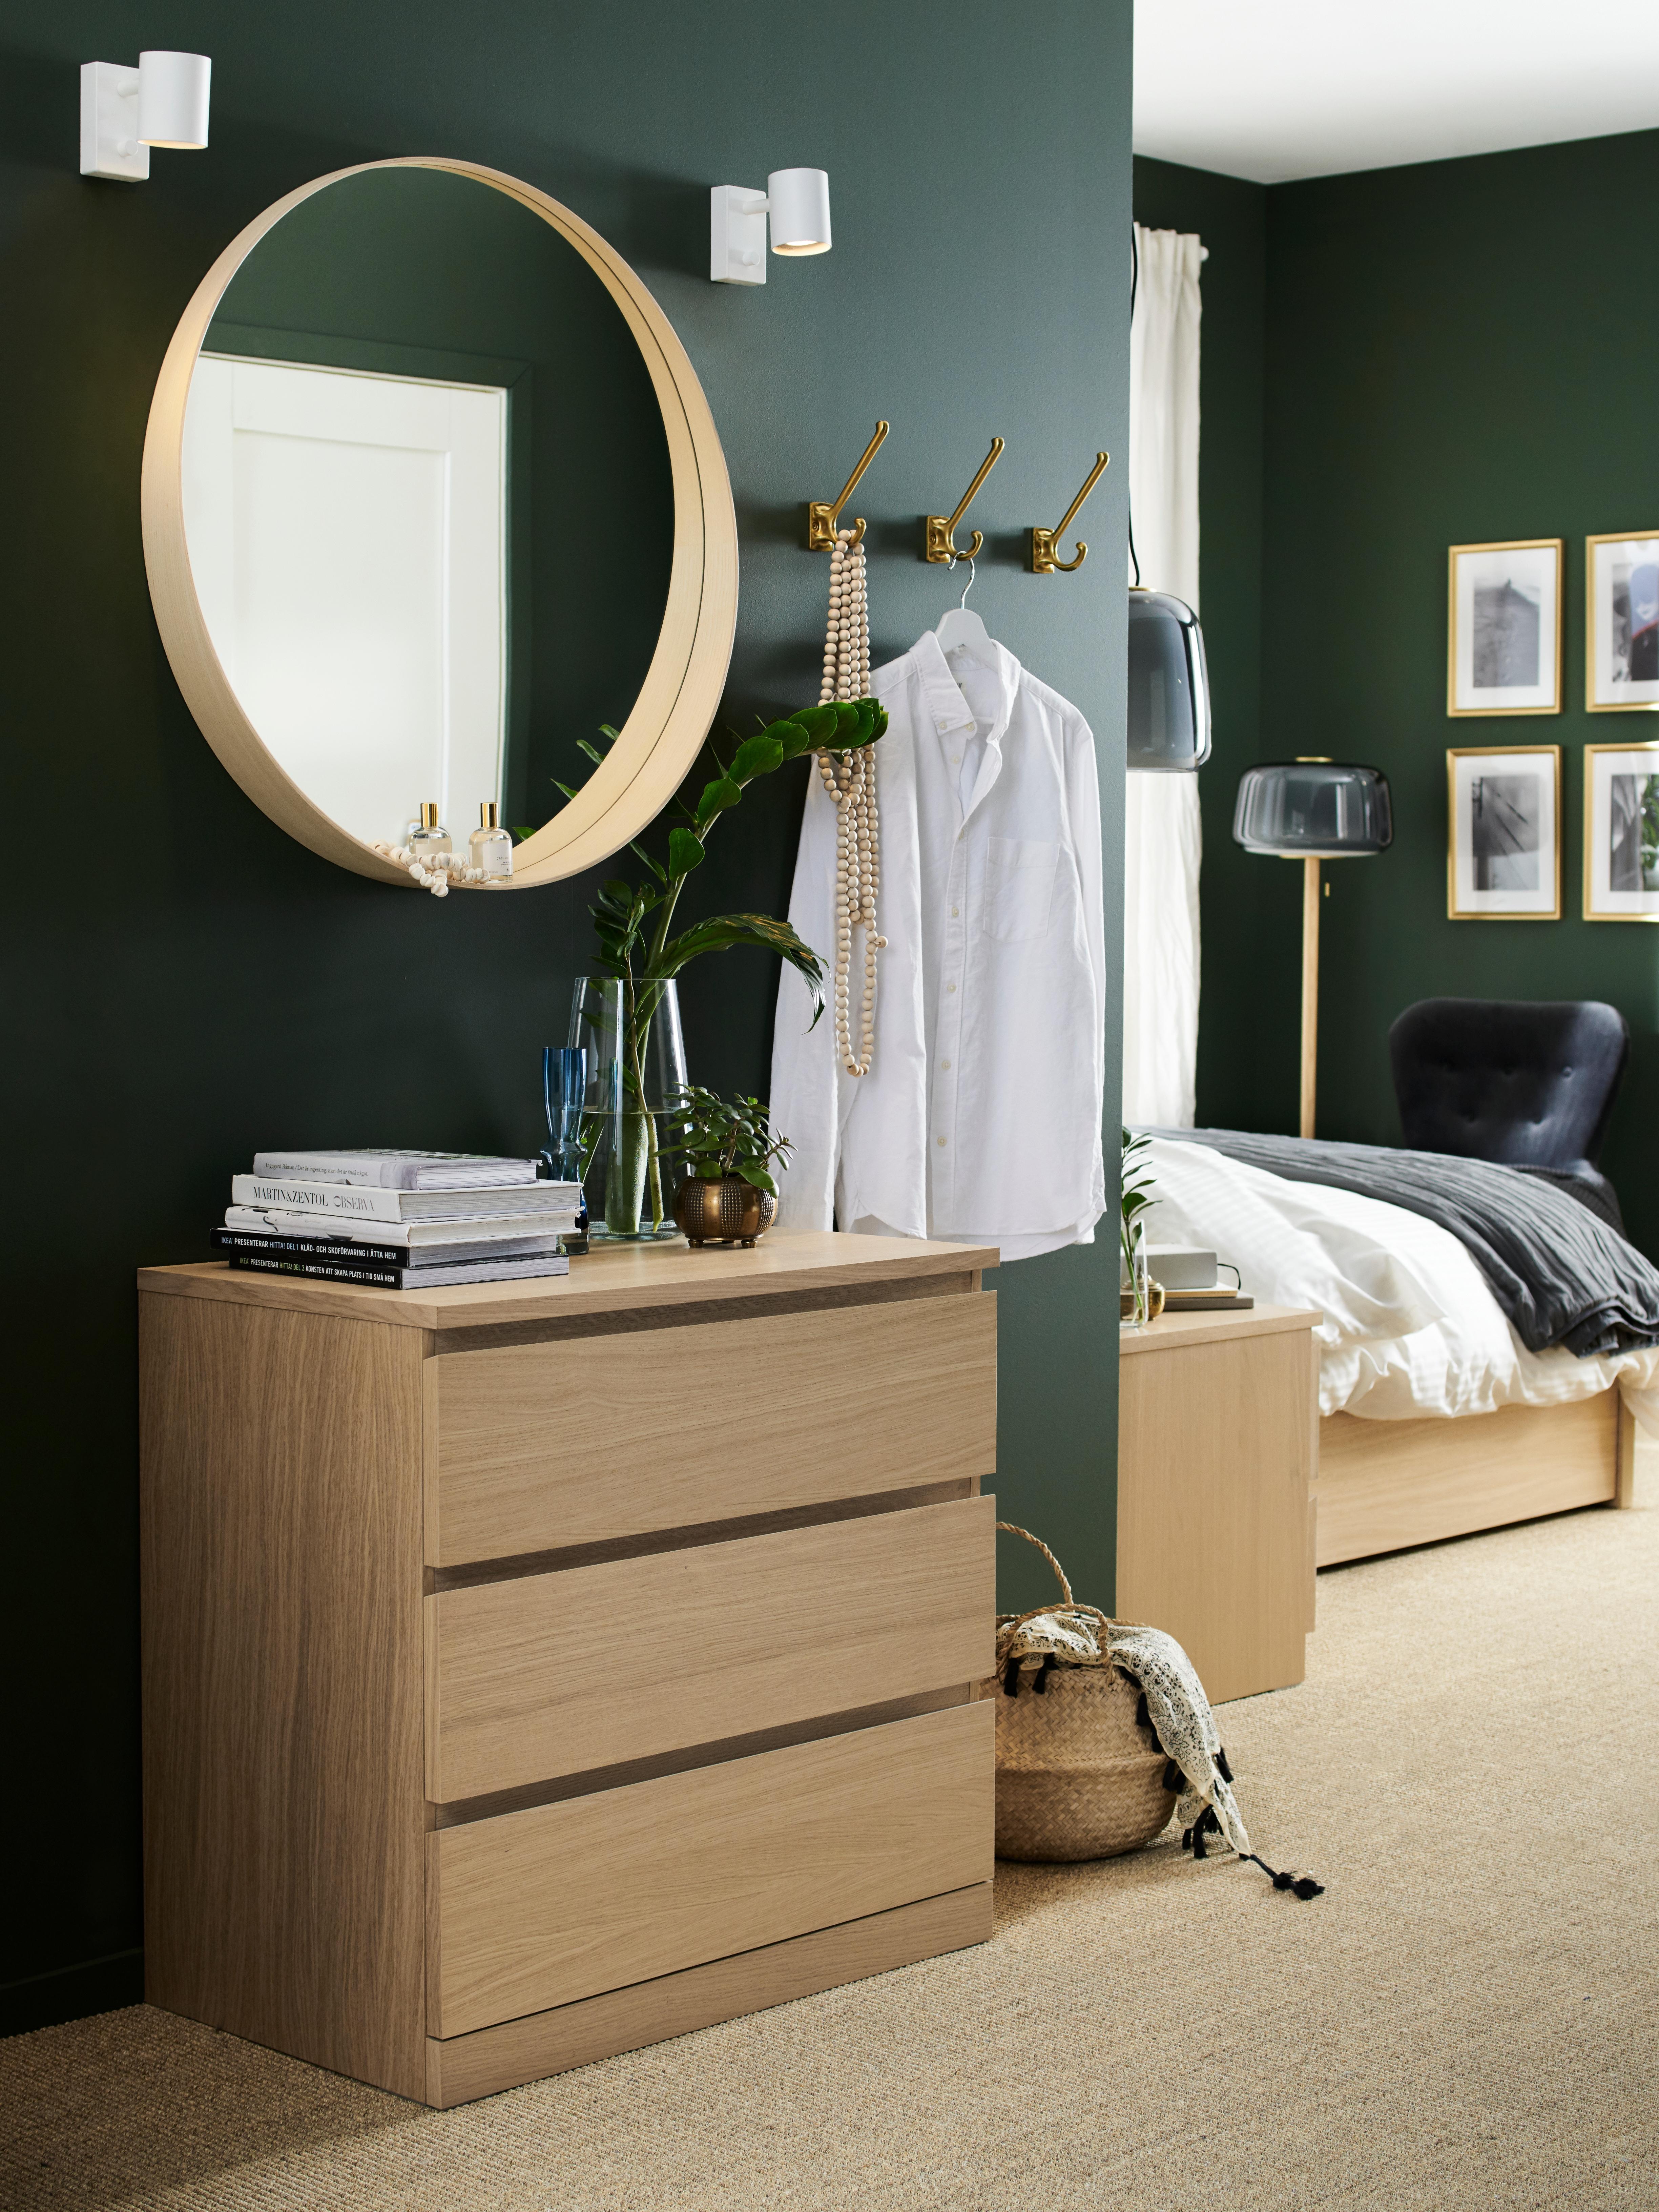 Un angolo per prepararsi al mattino all'interno di una camera da letto, con cassettiera con tre cassetti MALM in impiallacciatura di rovere con mordente bianco, specchio rotondo e ganci attaccapanni a parete.